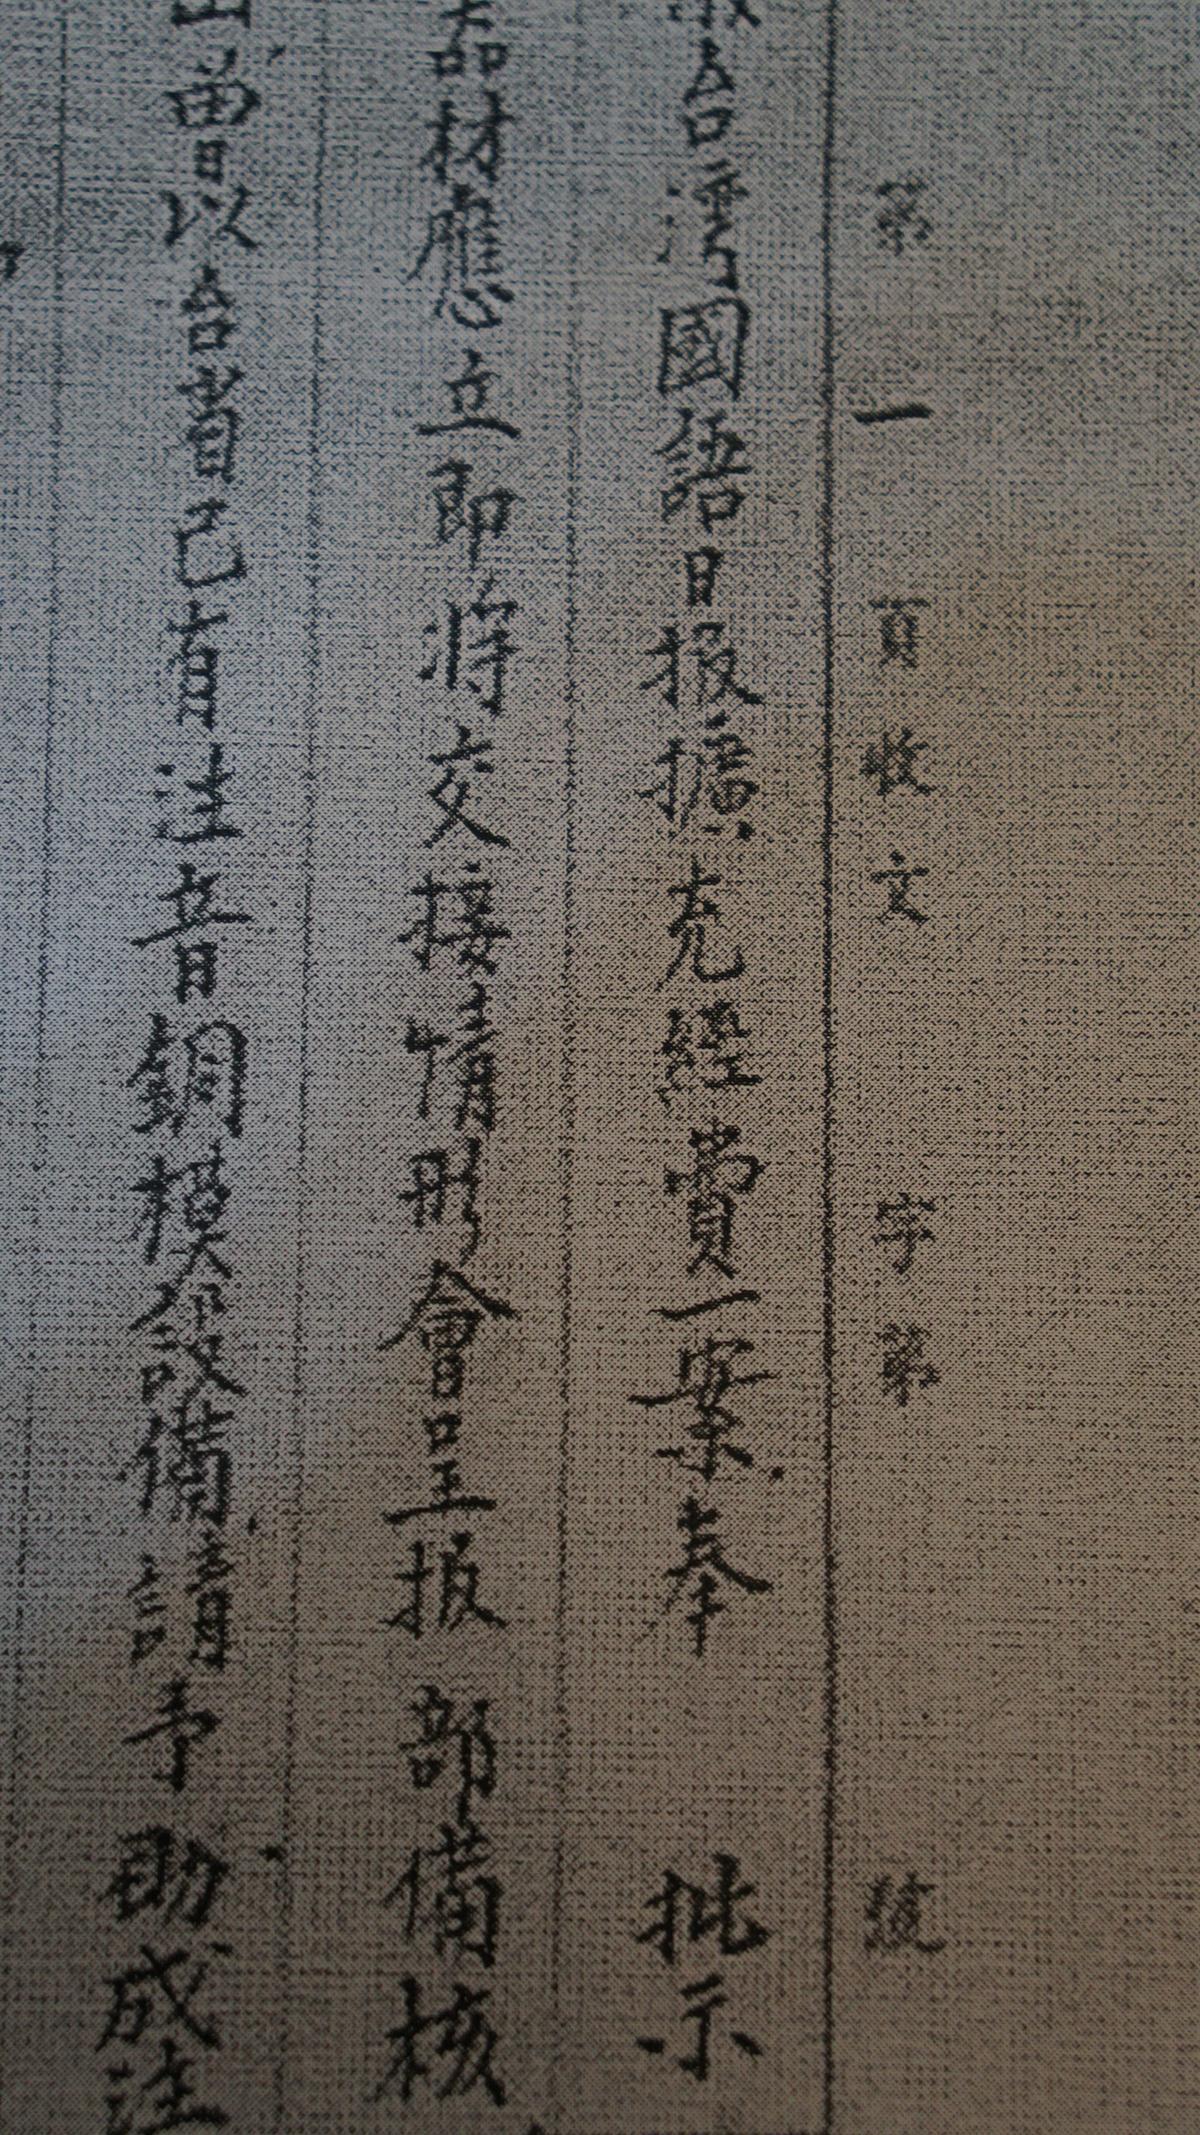 文件內容清楚提到台灣國語日報經費擴充,連注音銅模都詳細交代。(讀者提供)